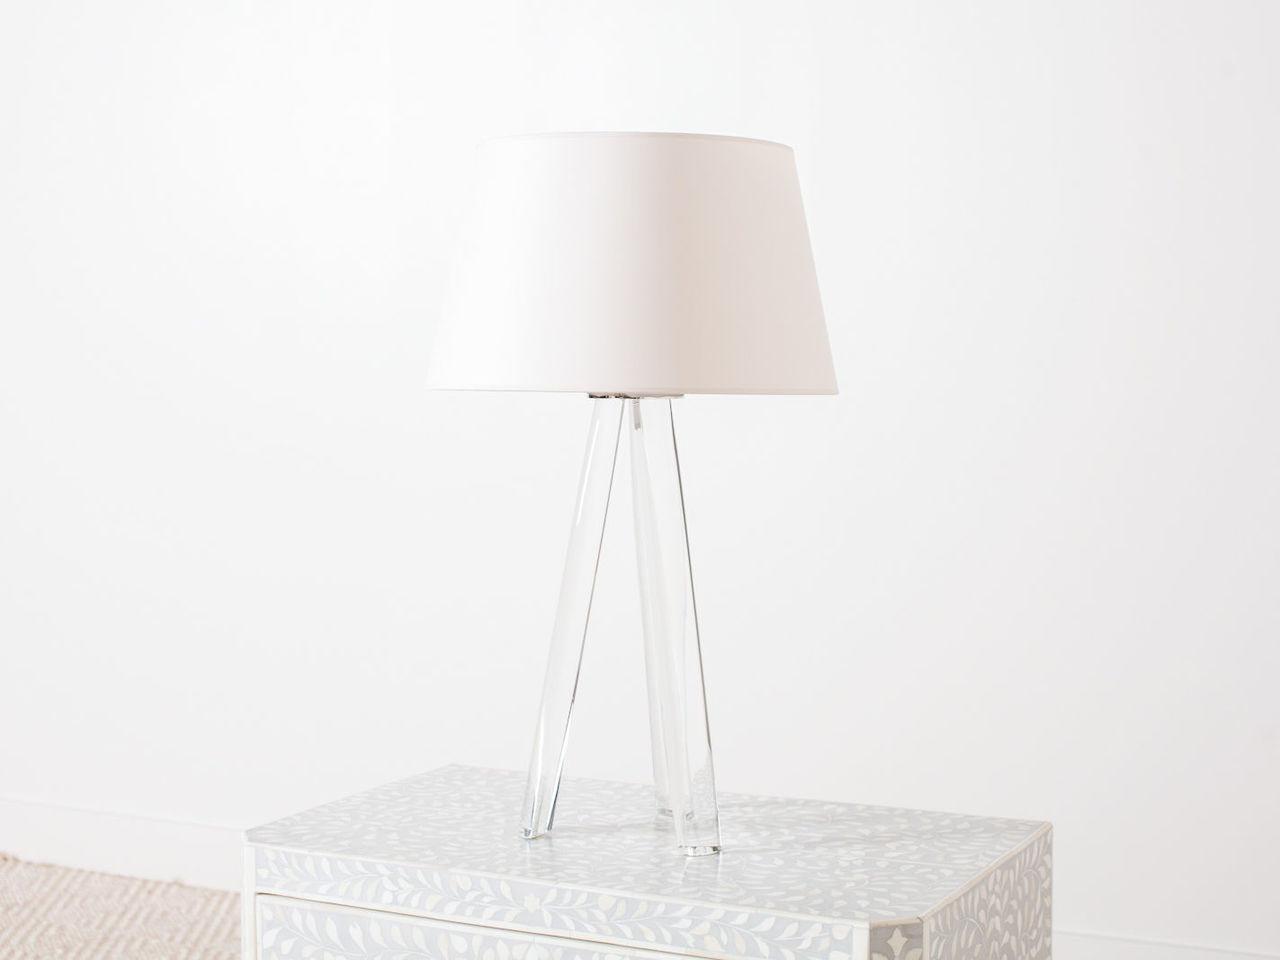 tripod table lamp [ 1280 x 960 Pixel ]